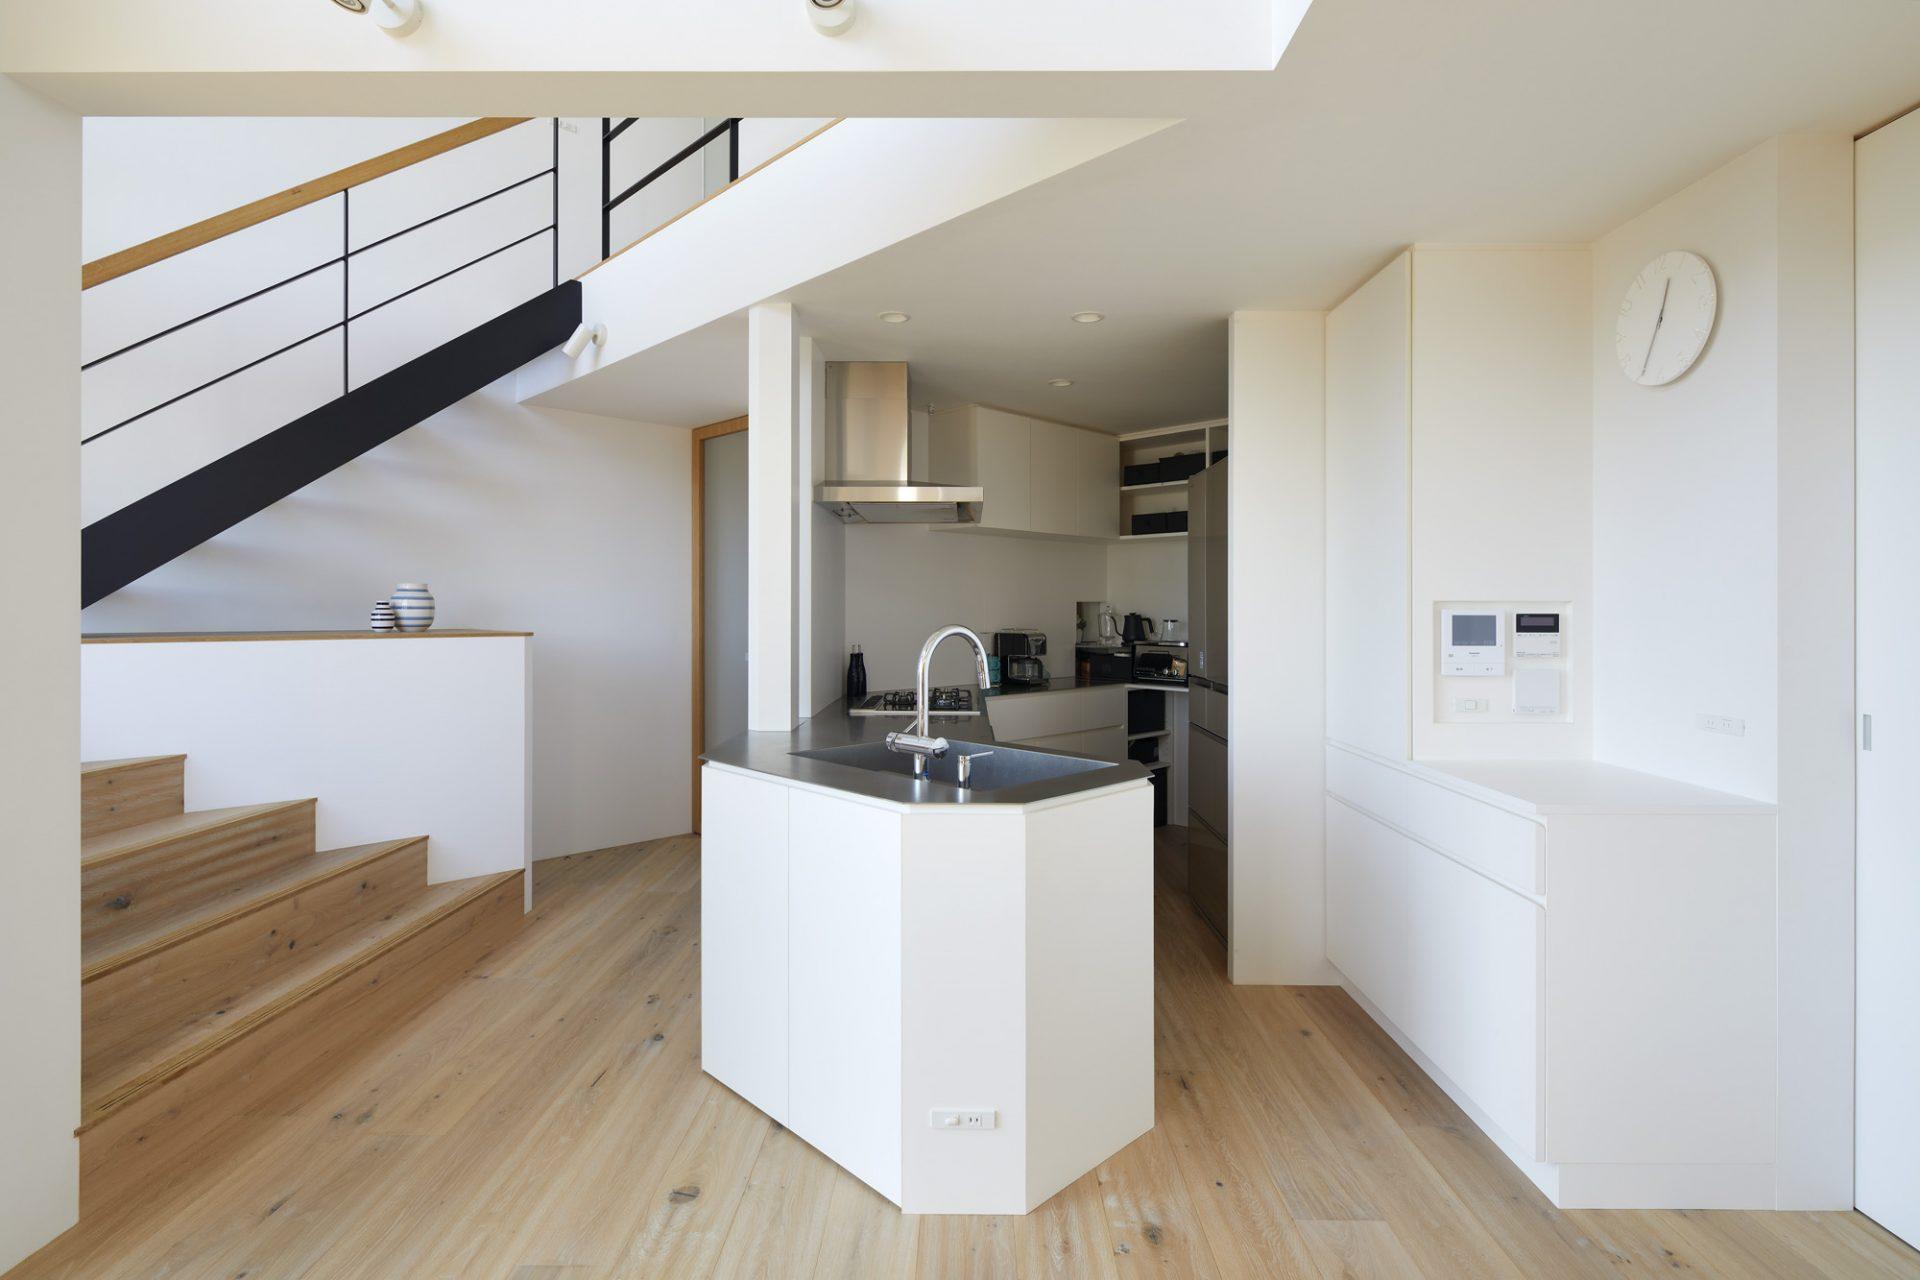 大阪箕面北の家のキッチン01